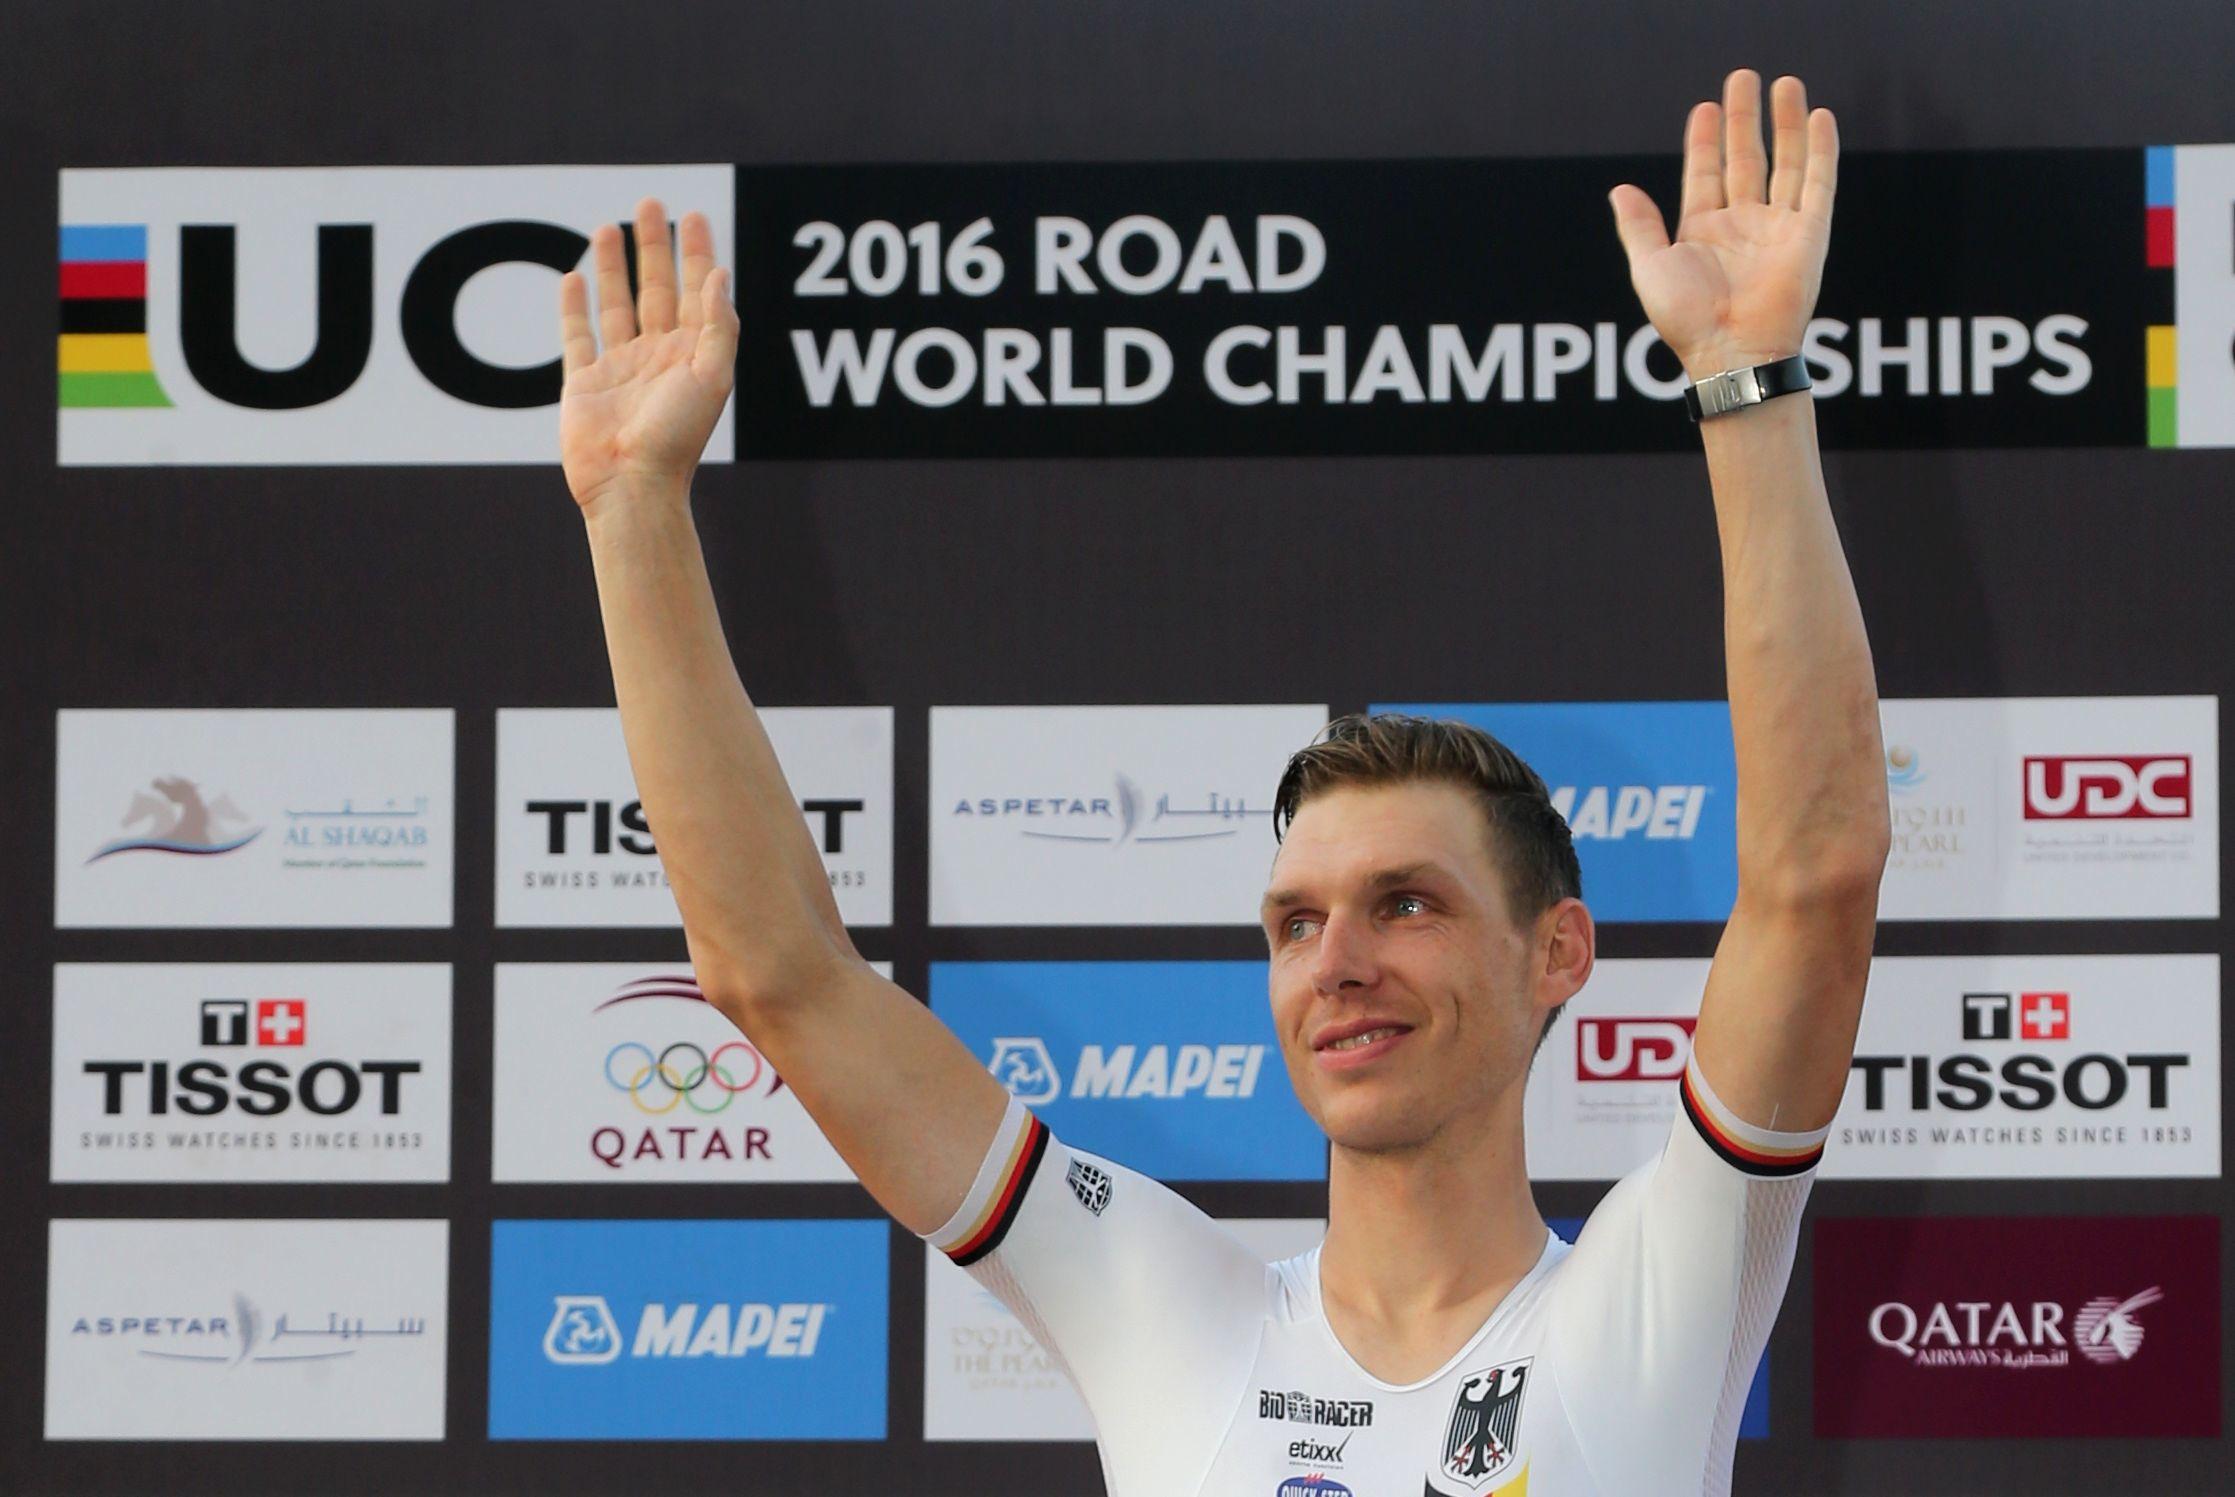 Cyclisme - Contre-la-montre : Tony Martin puissance 4